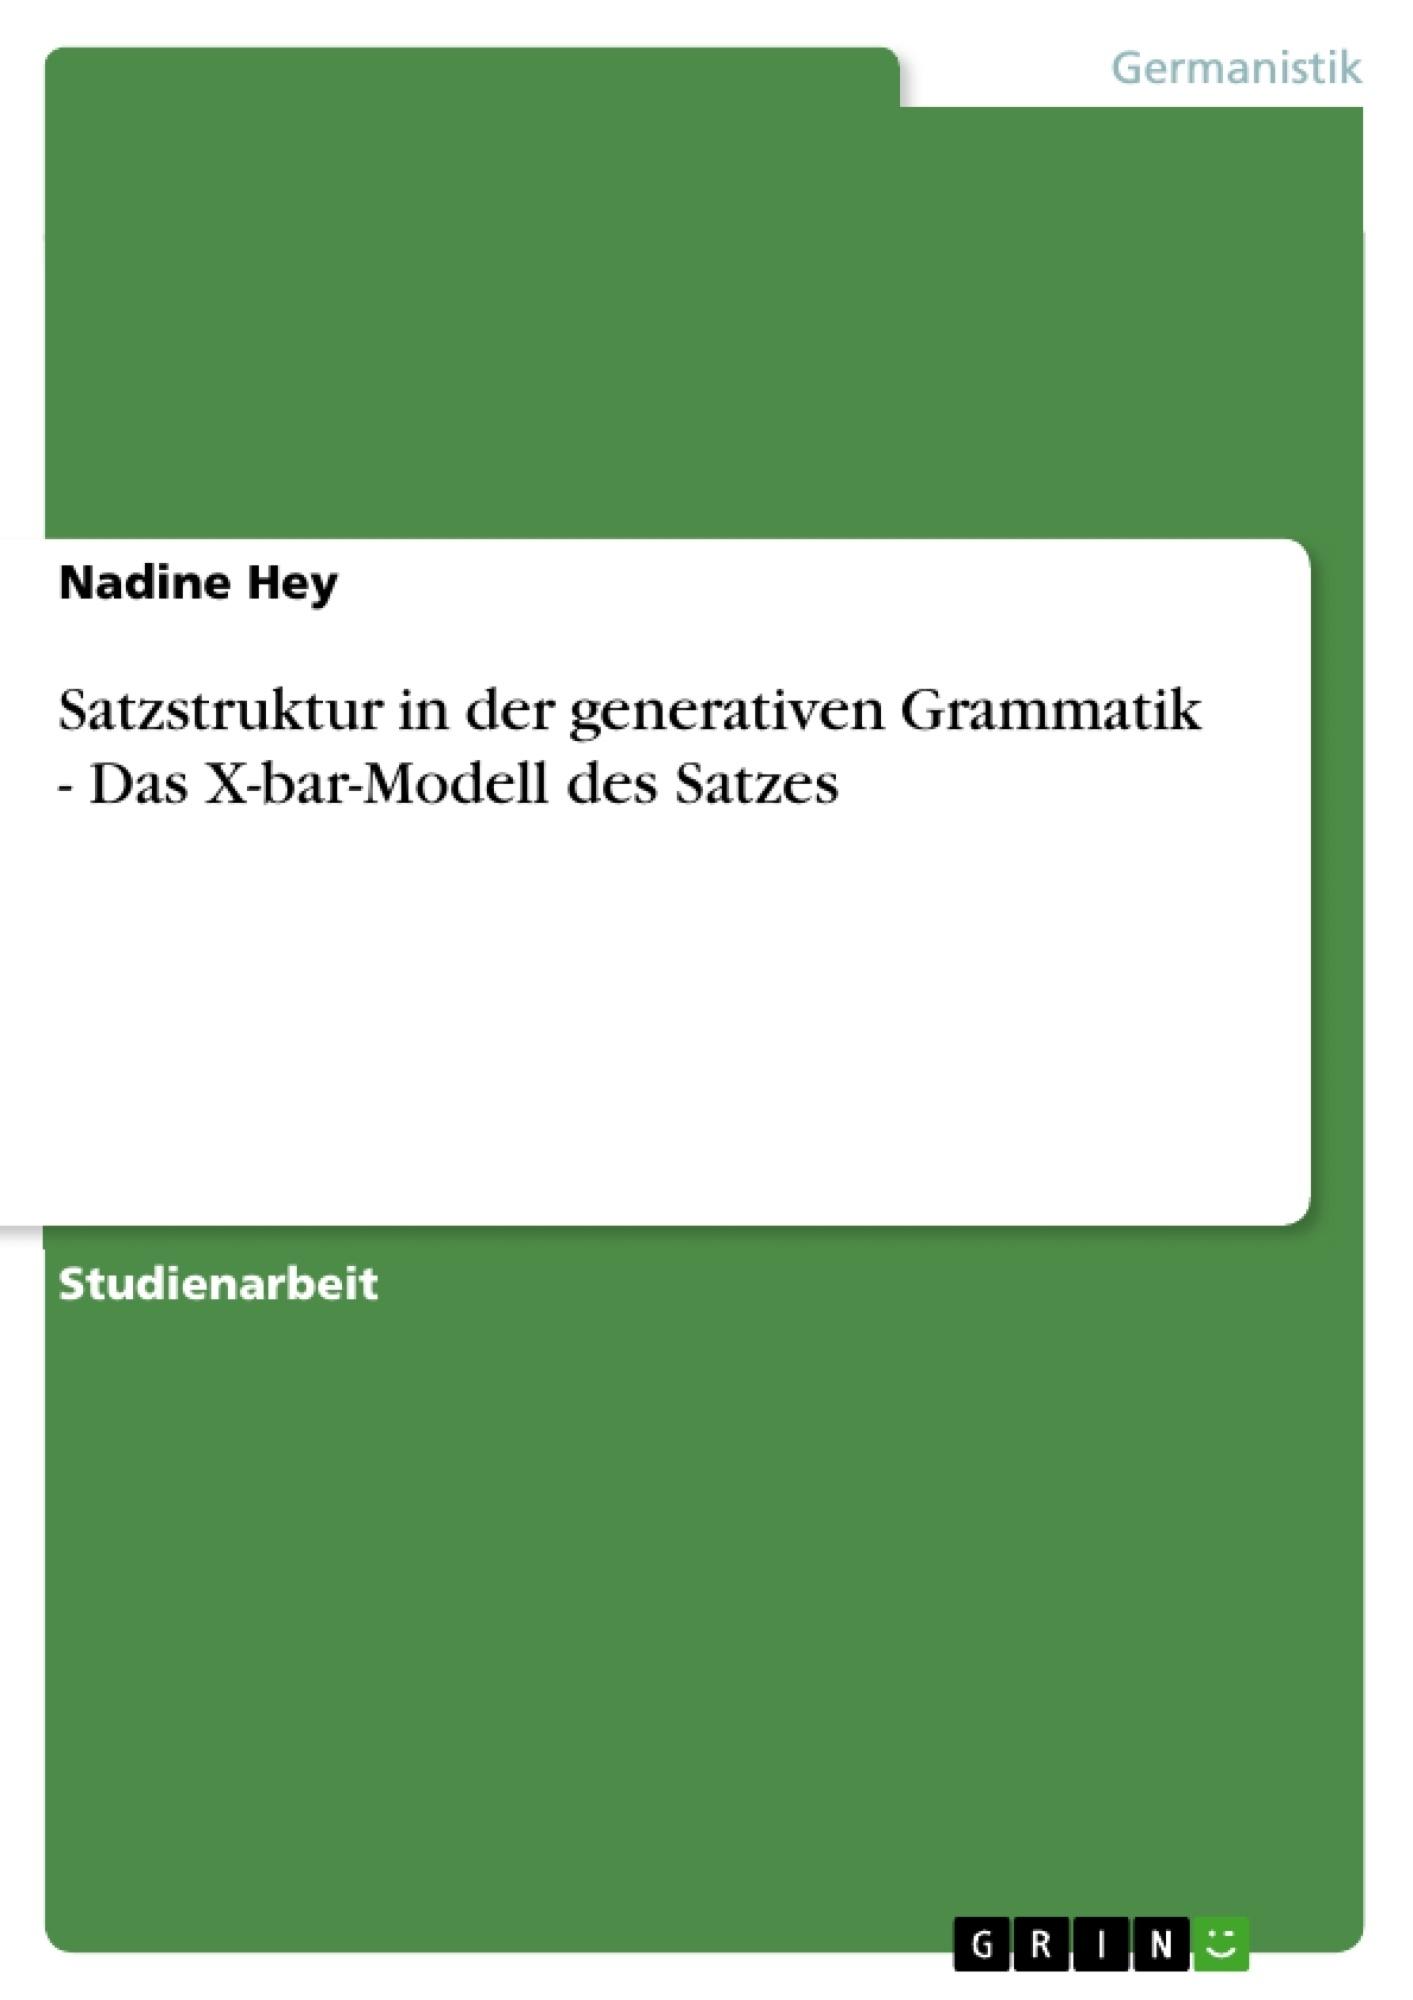 Titel: Satzstruktur in der generativen Grammatik - Das X-bar-Modell des Satzes